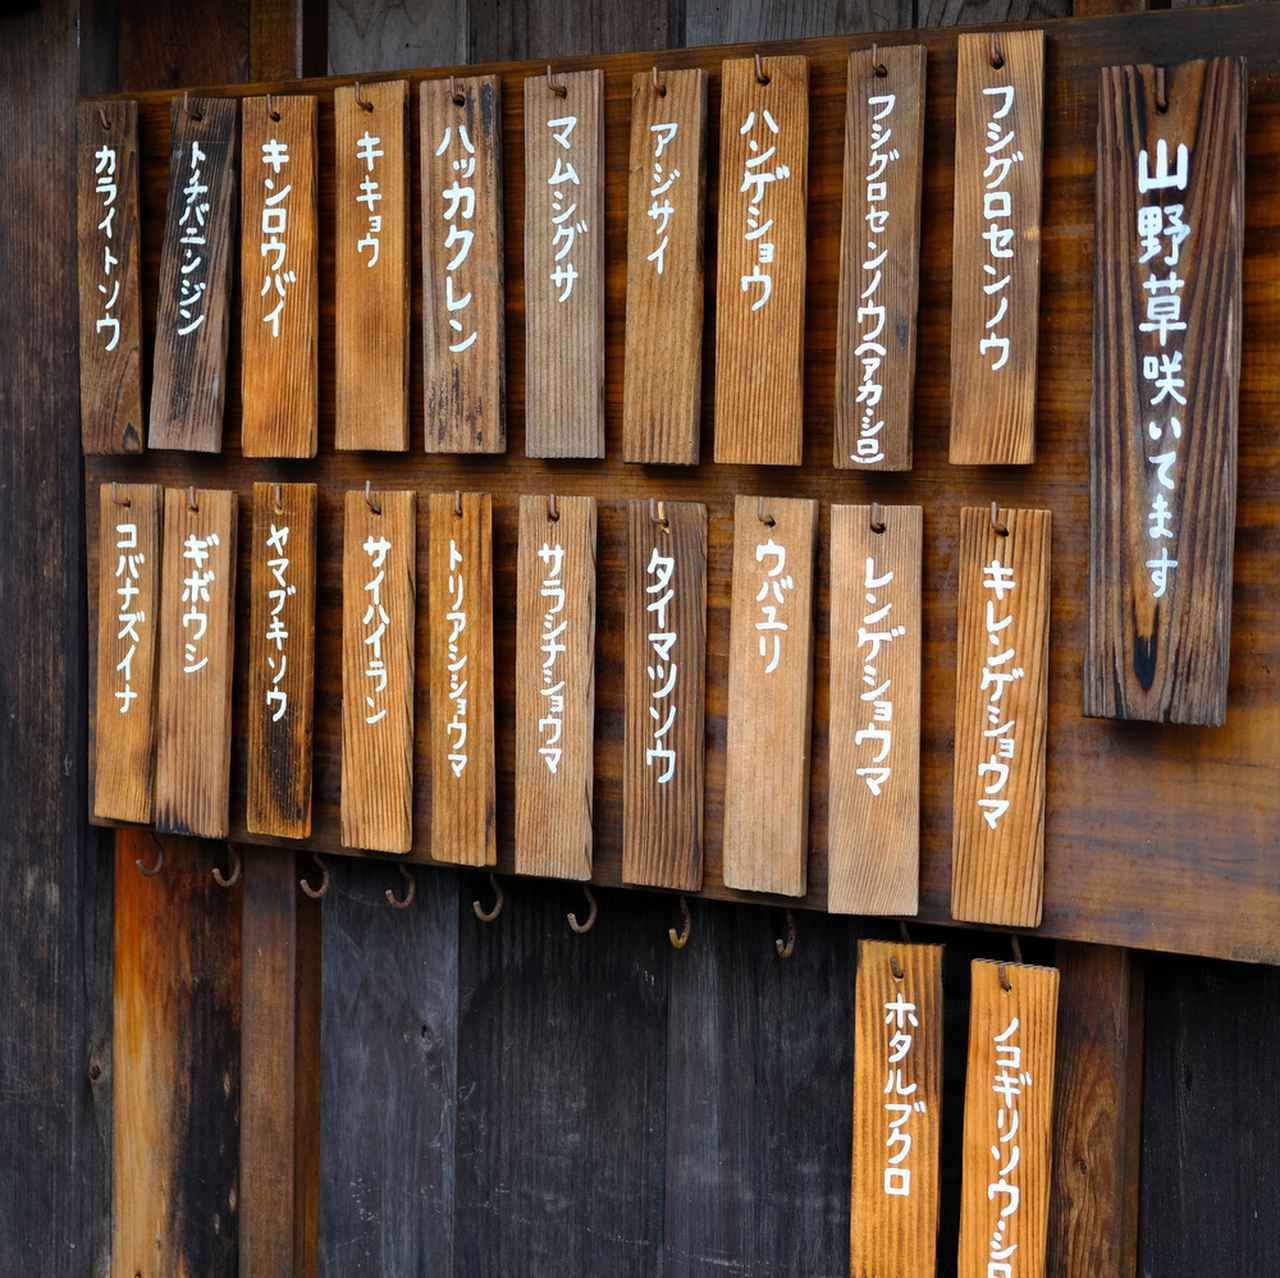 画像: こちらのお寺の入口には見ごろを迎える植物の札が掛けられていました。こういう心遣いは素晴らしいですね。